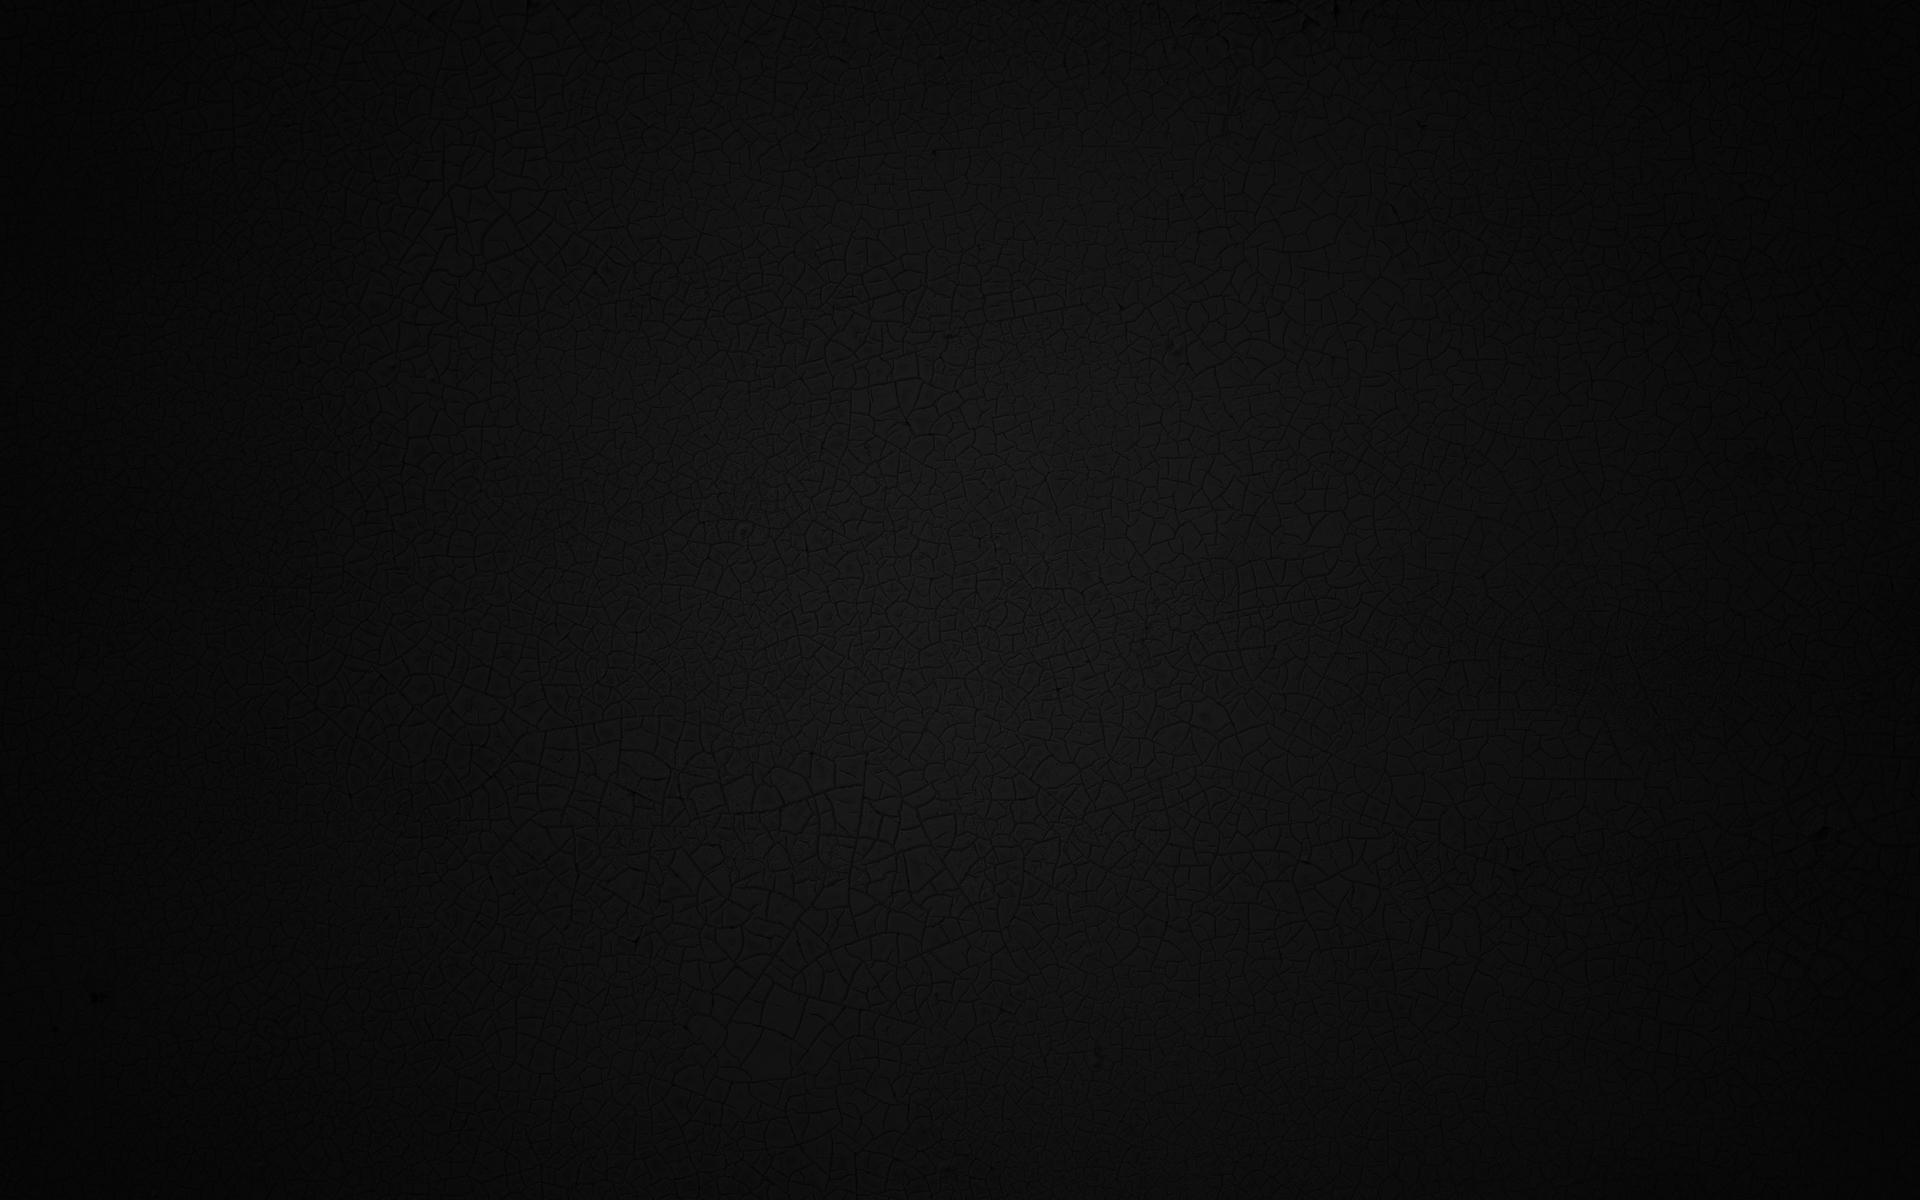 34122 Lade kostenlos Schwarz Hintergrundbilder für dein Handy herunter, Hintergrund Schwarz Bilder und Bildschirmschoner für dein Handy